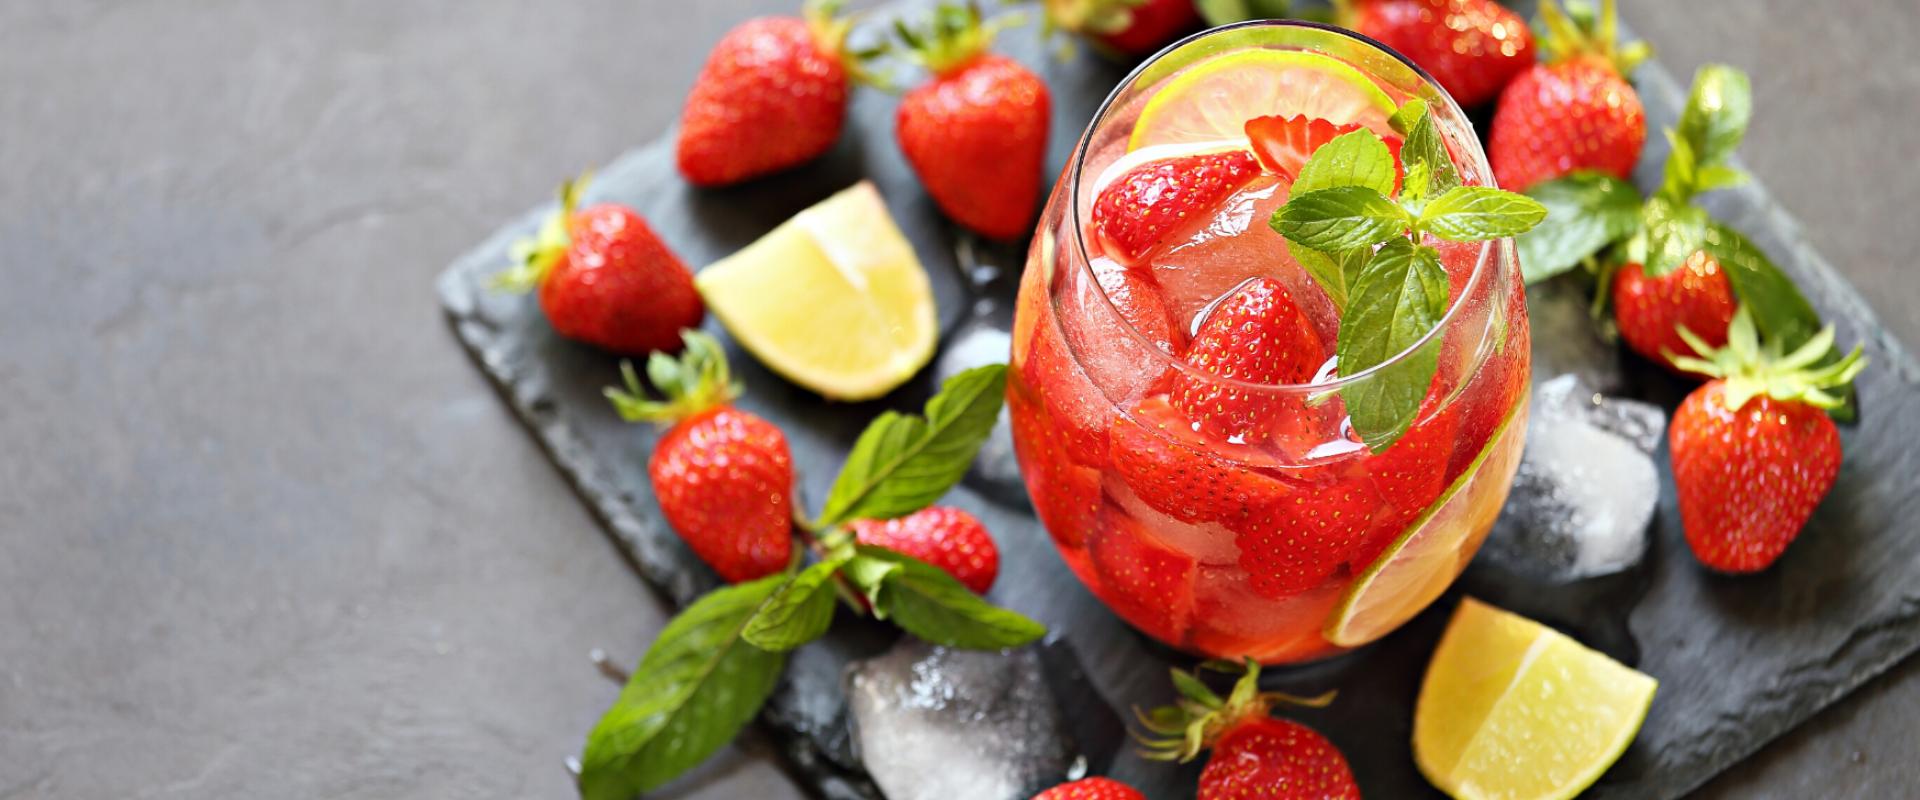 menthe, fraise, citron, boisson detox, frais, voyage, recette, conseil, chez soi, frais